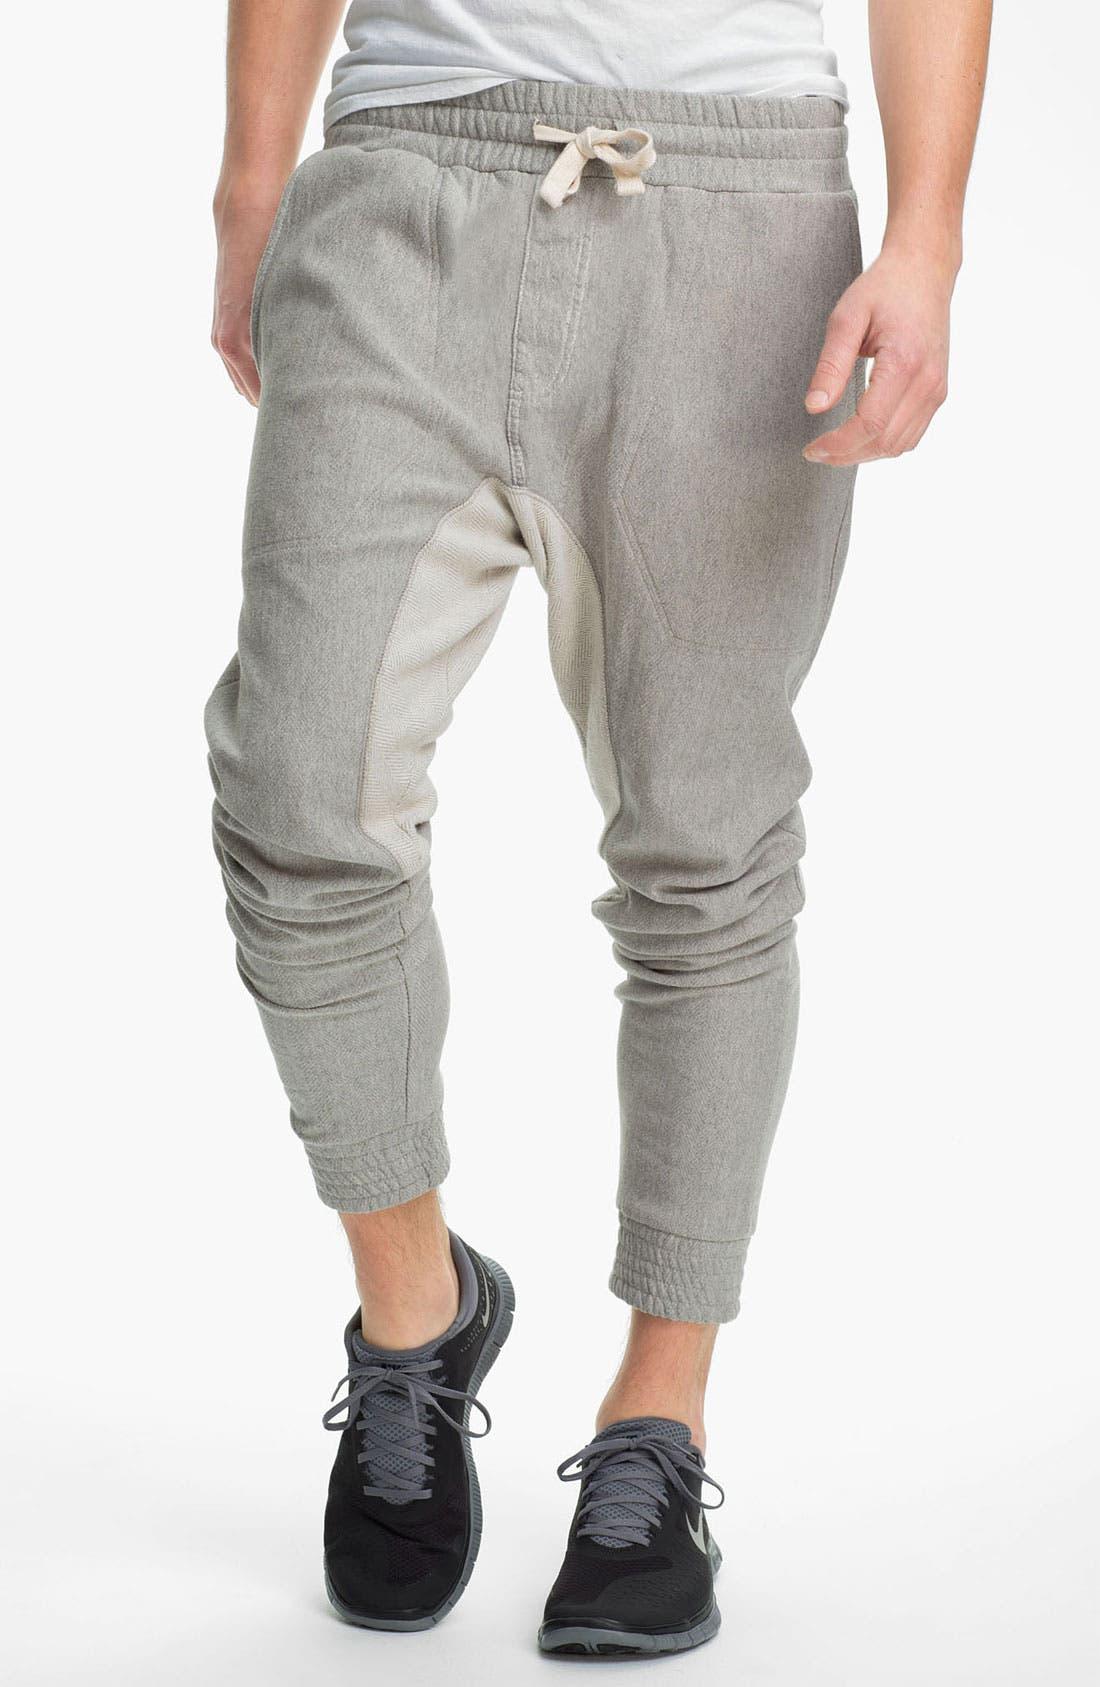 ZANEROBE 'Slapshot' Sweatpants, Main, color, 050